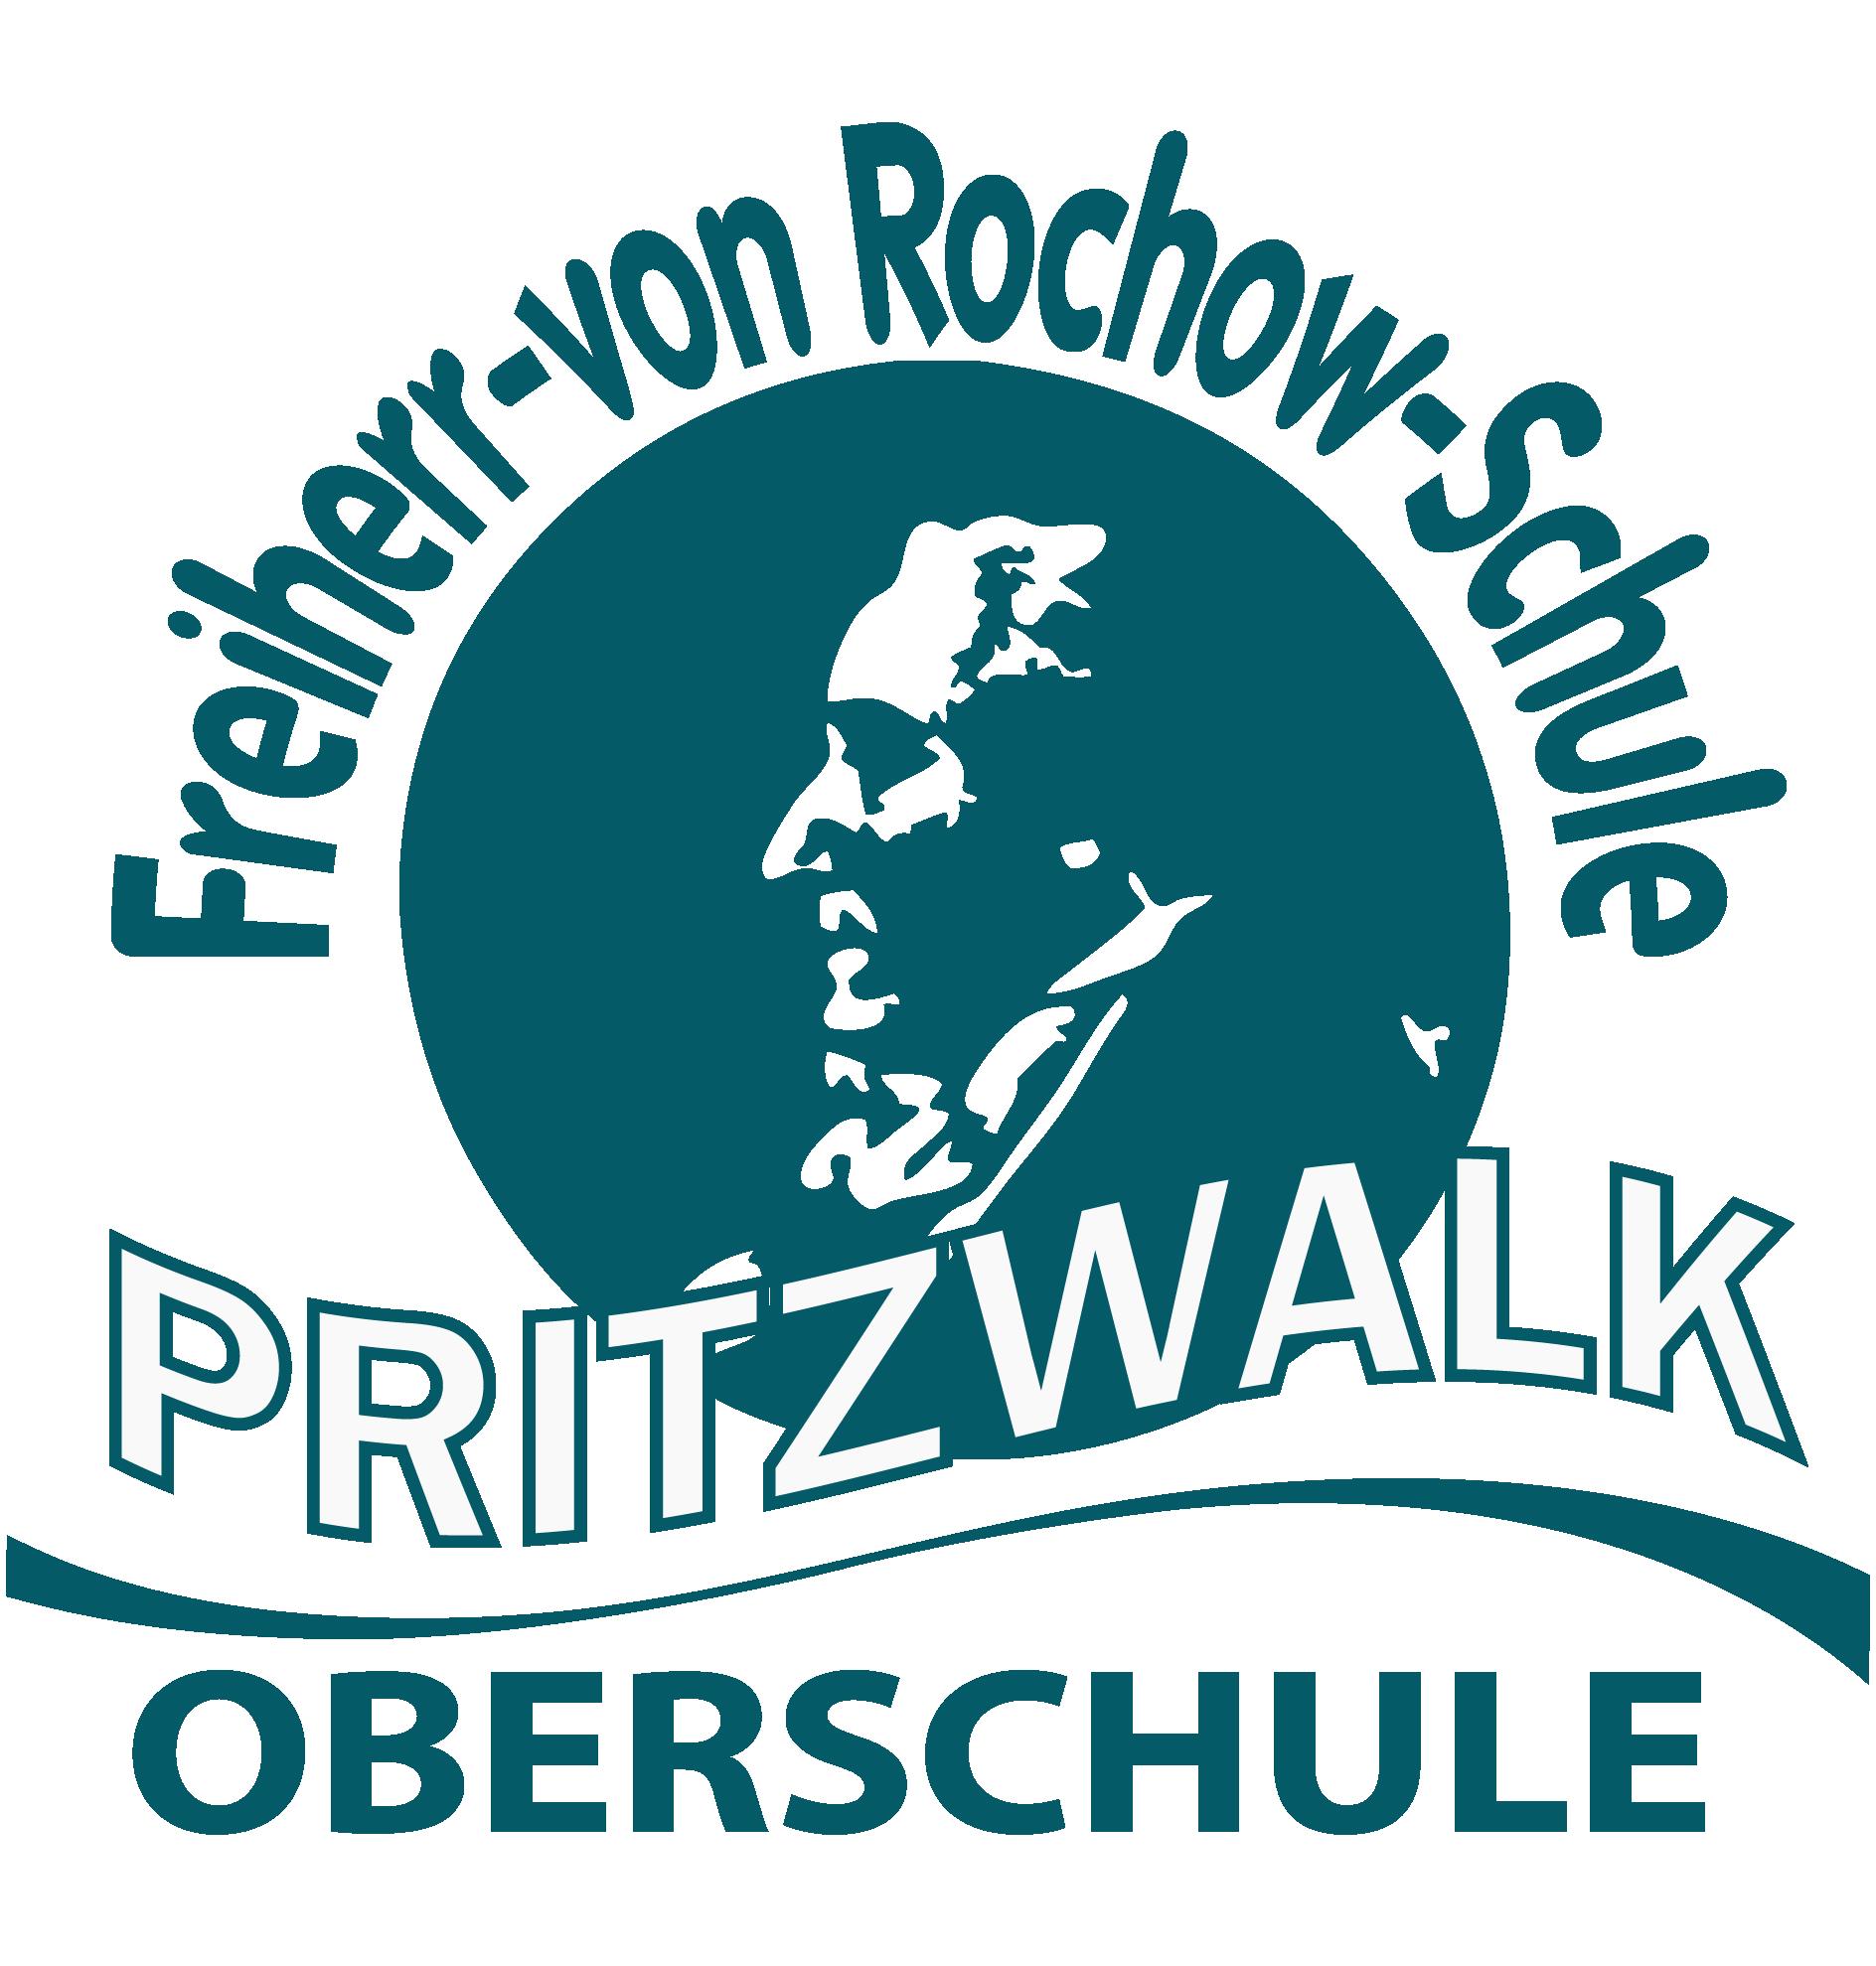 Von-Rochow-Schule Pritzwalk